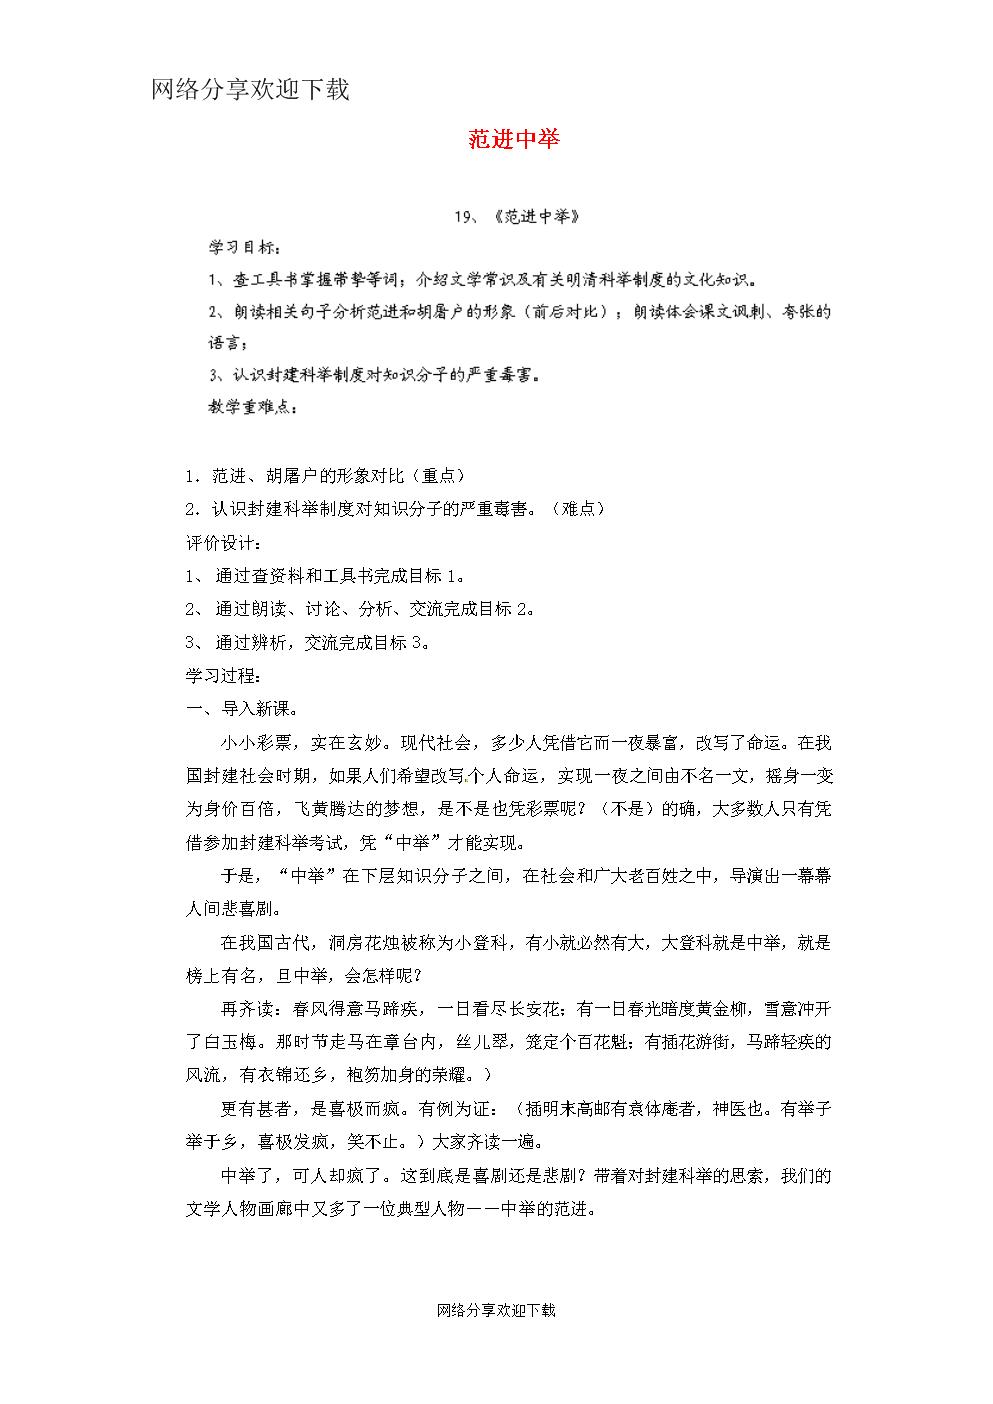 上海五四制语文九年级上册《31范进中举》教案 (1).doc